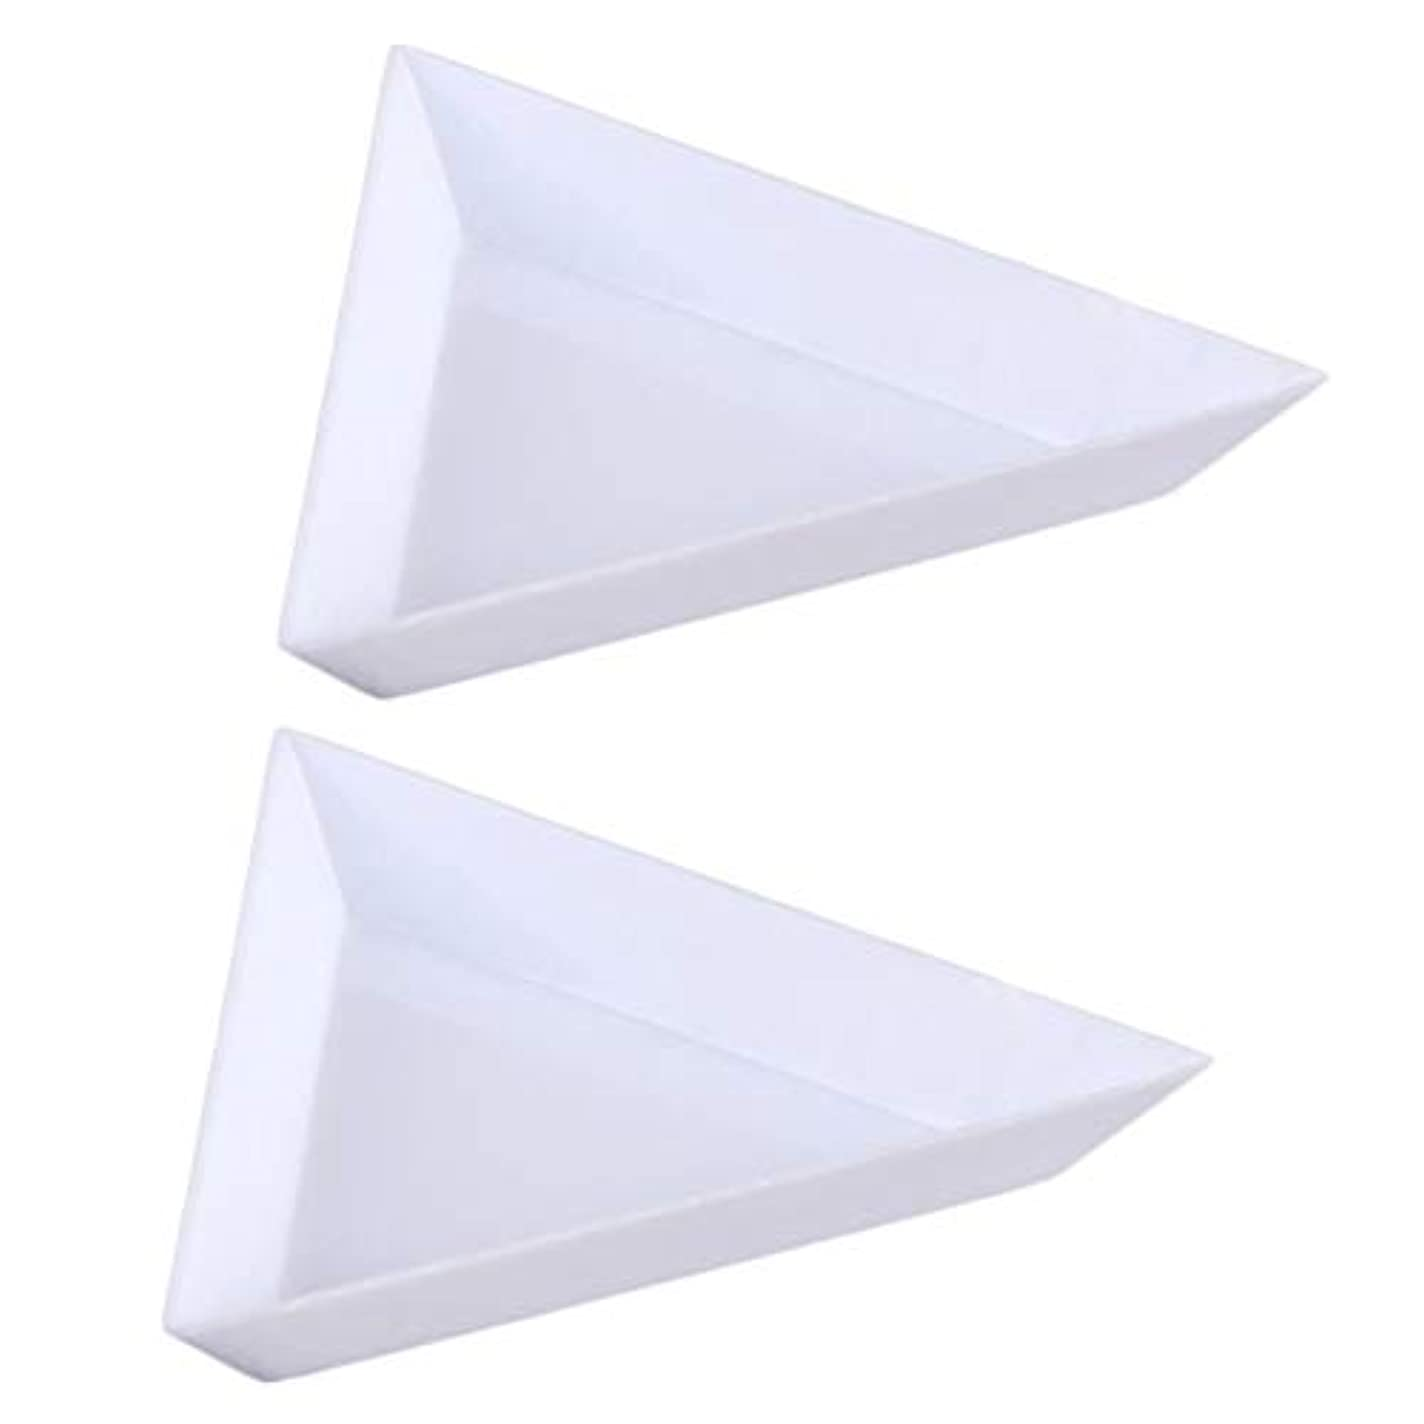 ミュウミュウナンセンス顧問TOOGOO 10個三角コーナープラスチックラインストーンビーズ 結晶 ネイルアートソーティングトレイアクセサリー白 DiyネイルアートデコレーションDotting収納トレイ オーガニゼーションに最適